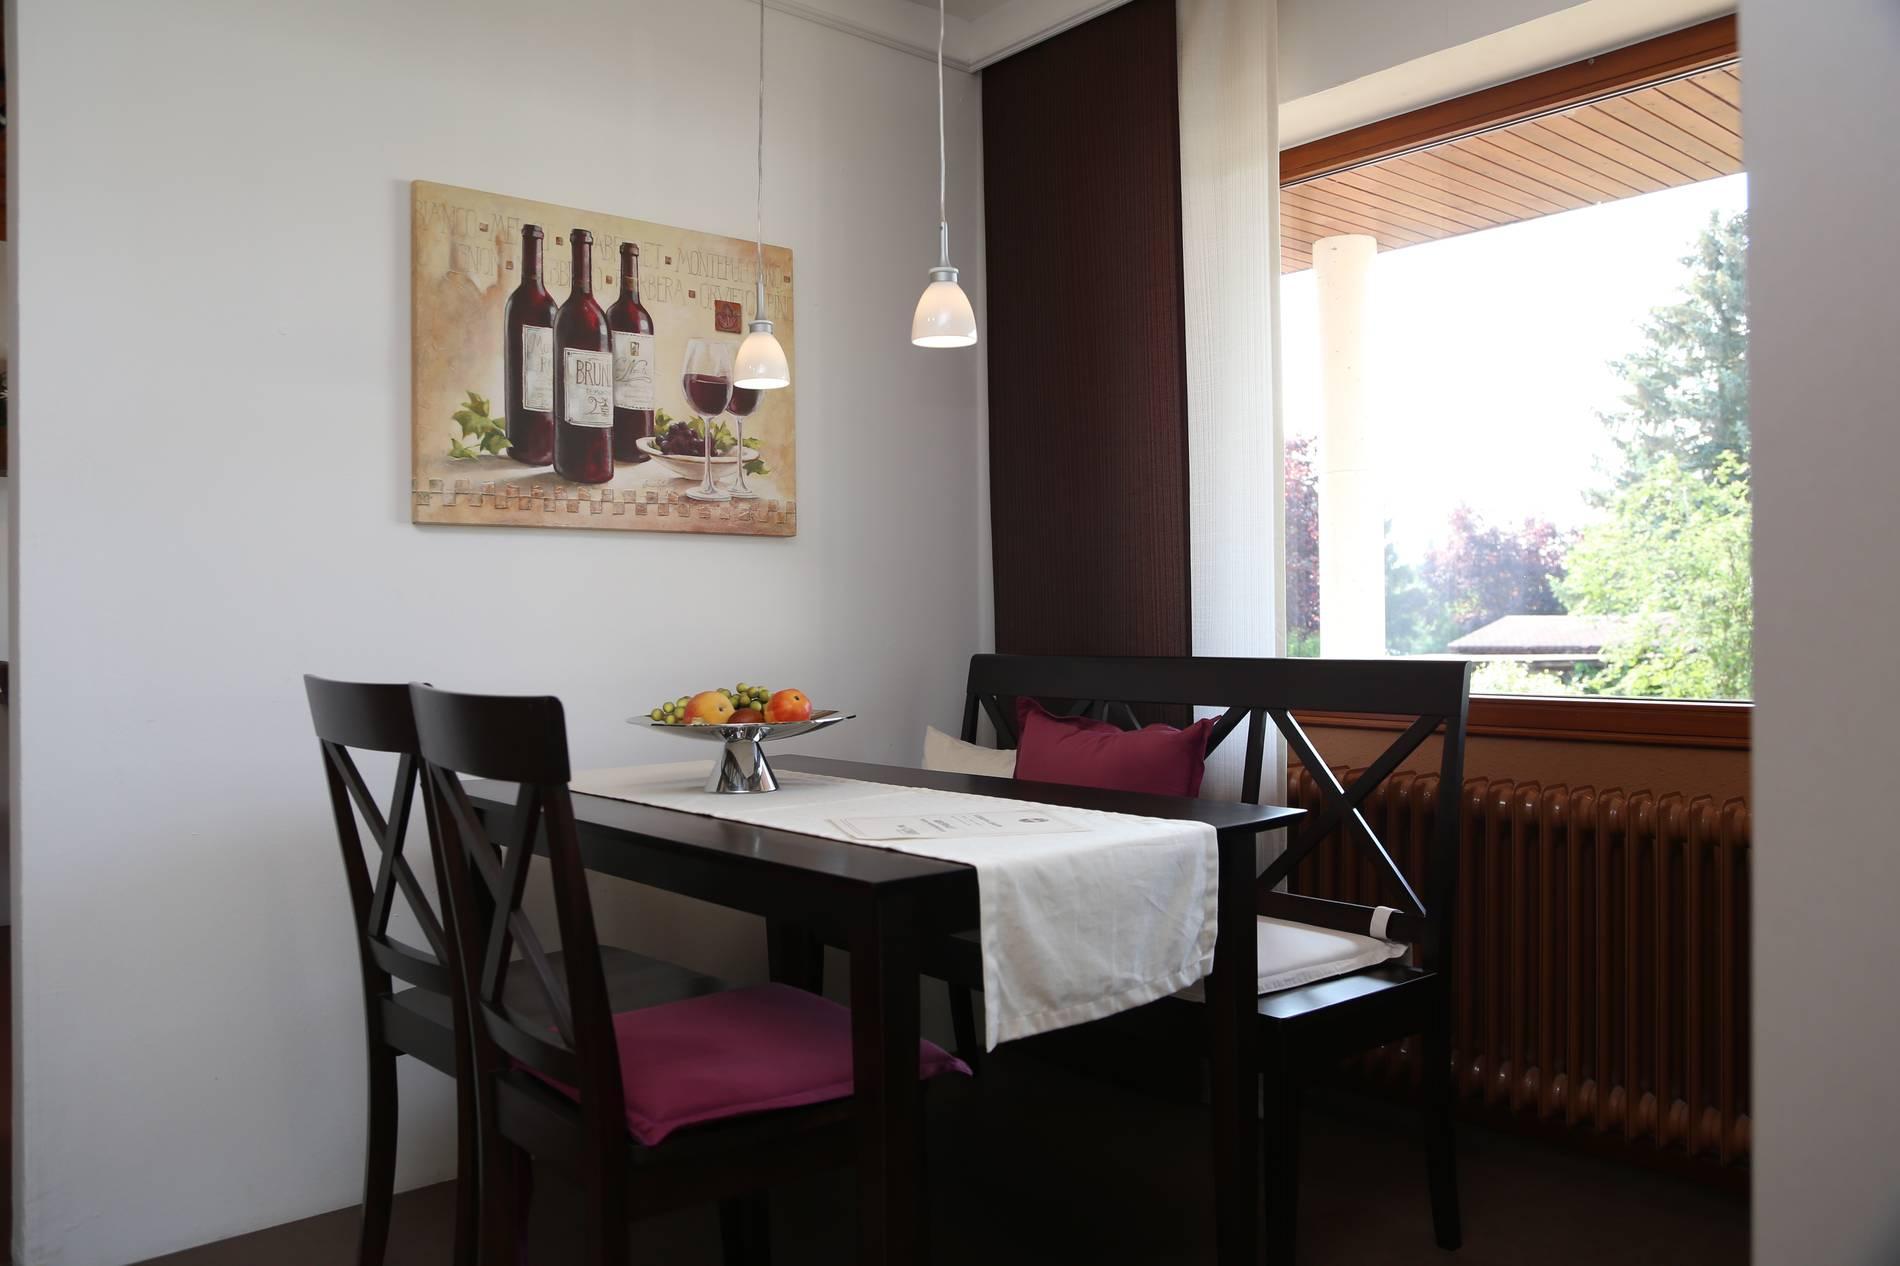 Küchen Renovierung und Maßanfertigung - Auber Möbel Einrichtungscenter